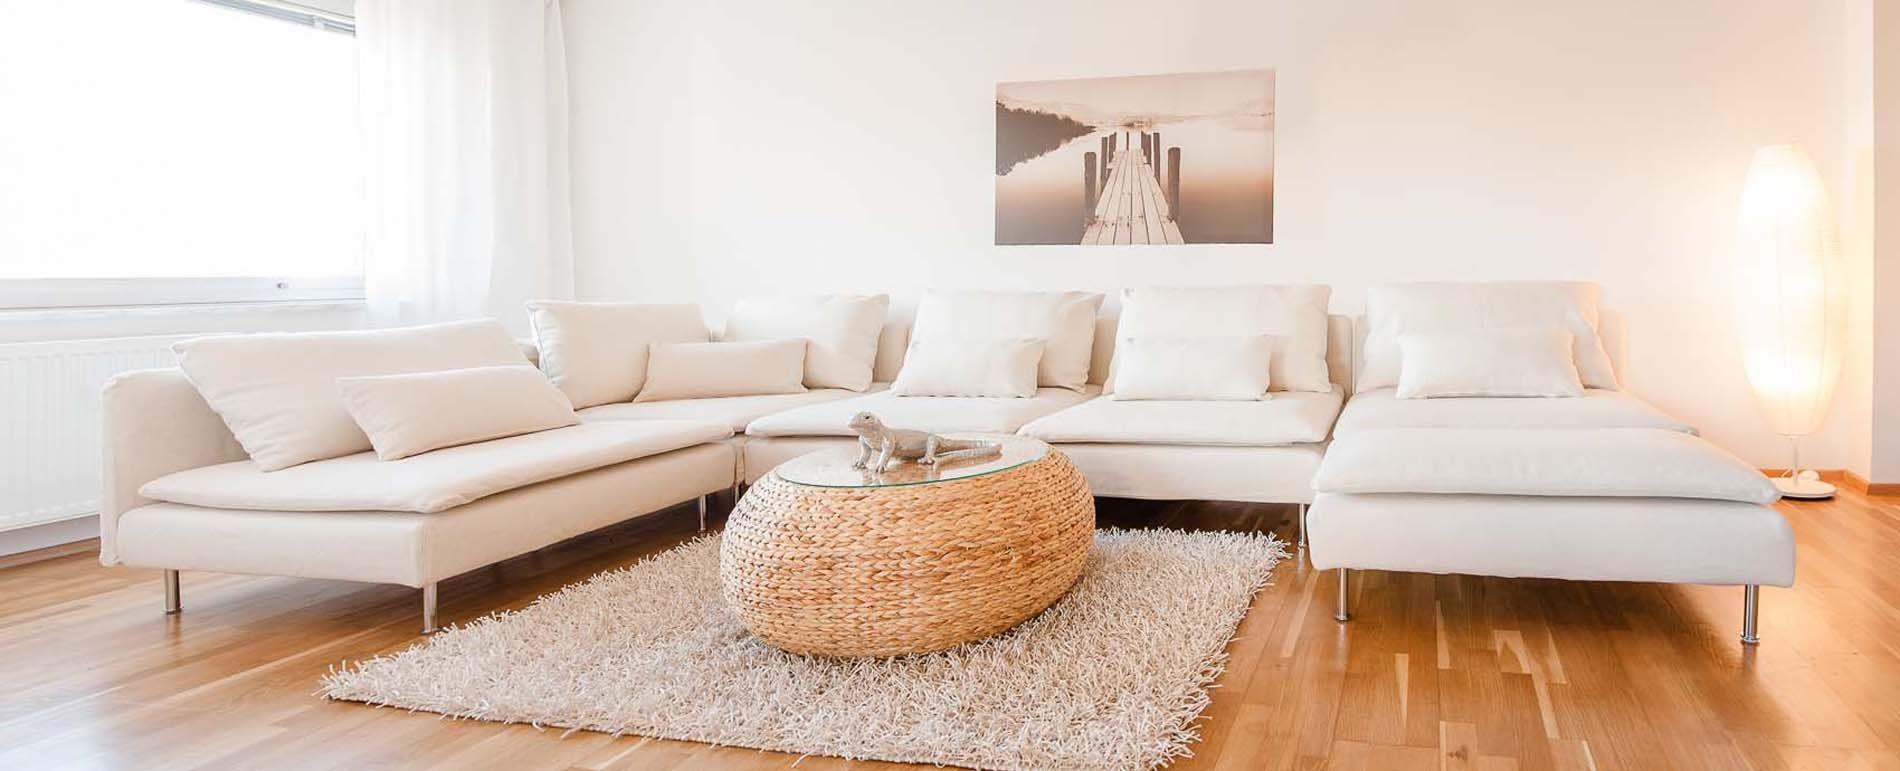 Fantastisch Mit Home Staging Bereiten Wir Ihre Zum Verkauf Oder Zur Vermietung Stehende  Immobilie Für Eine Ideale Vermittlung Vor. Dadurch Kann Diese In Kürzester  Zeit ...